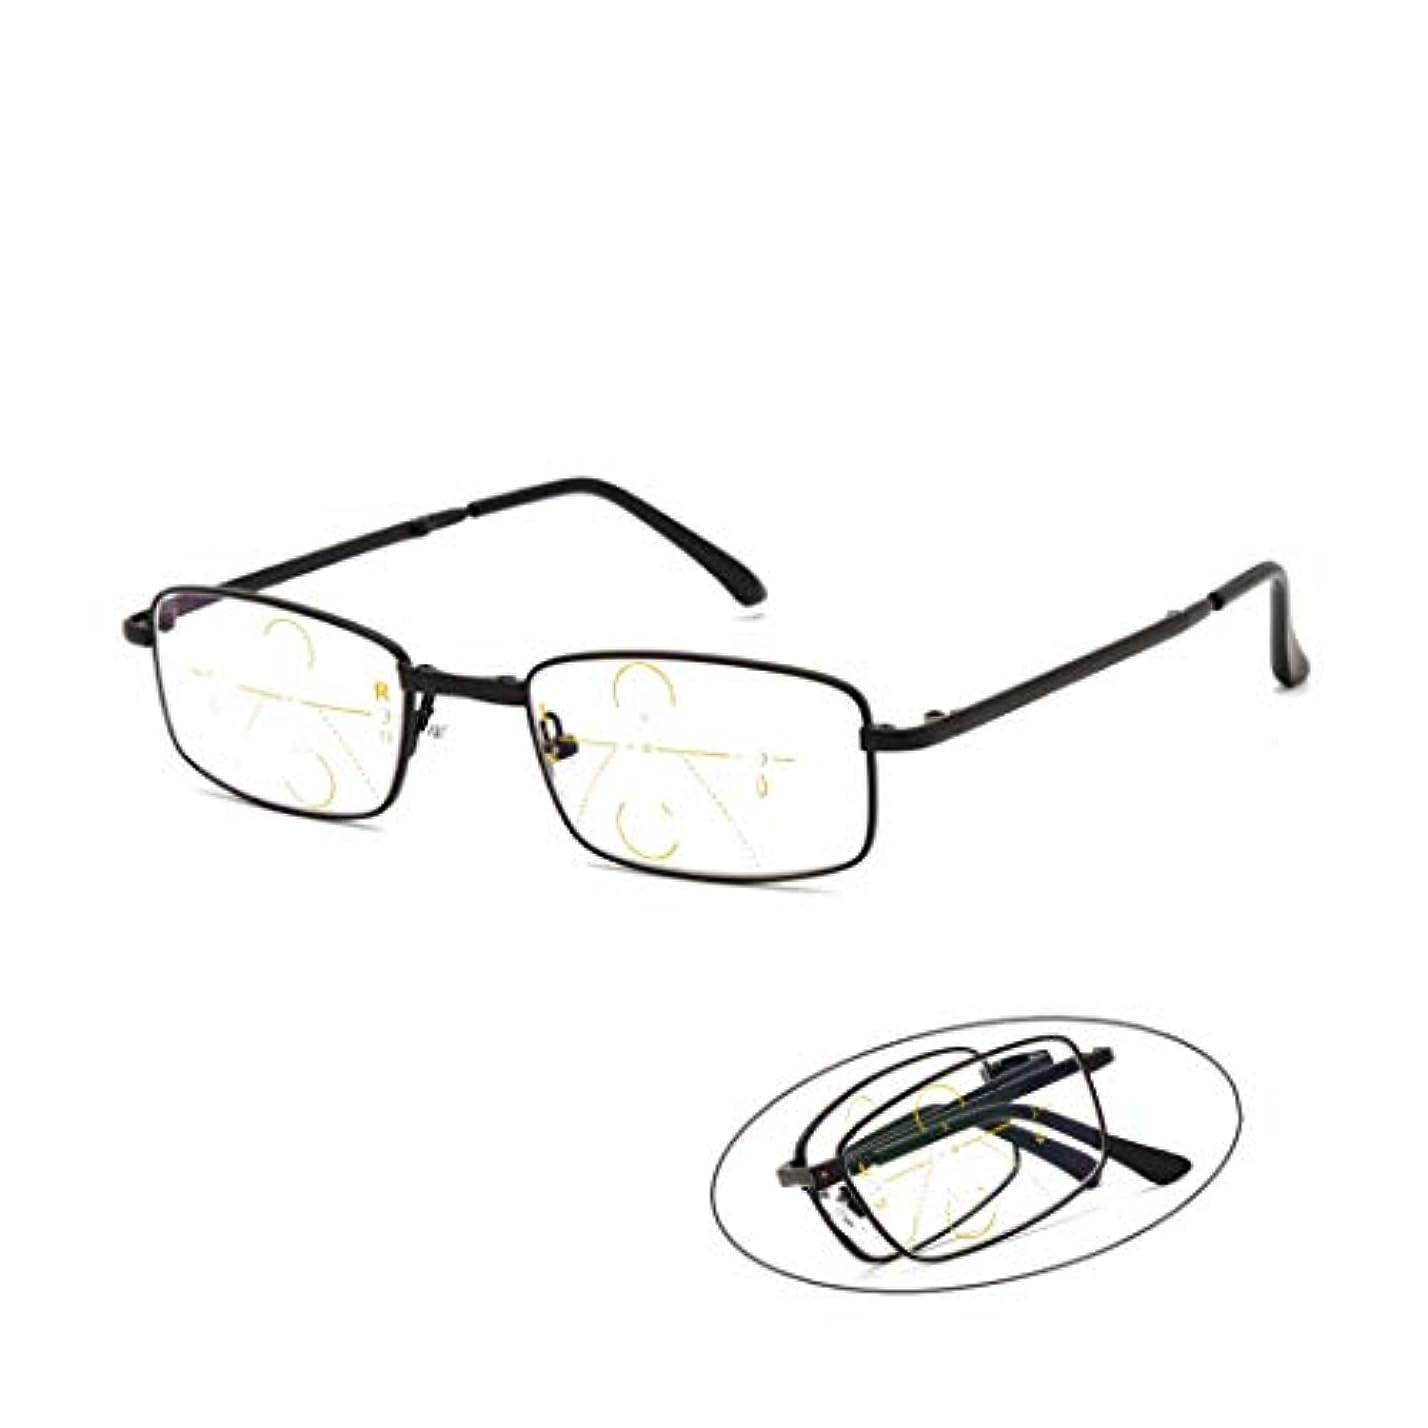 ショートカット証書分析的フォトクロミックファッション老眼鏡、累進多焦点オートズームメガネ、アンチブルー放射線安全レンズ、快適なユニセックス